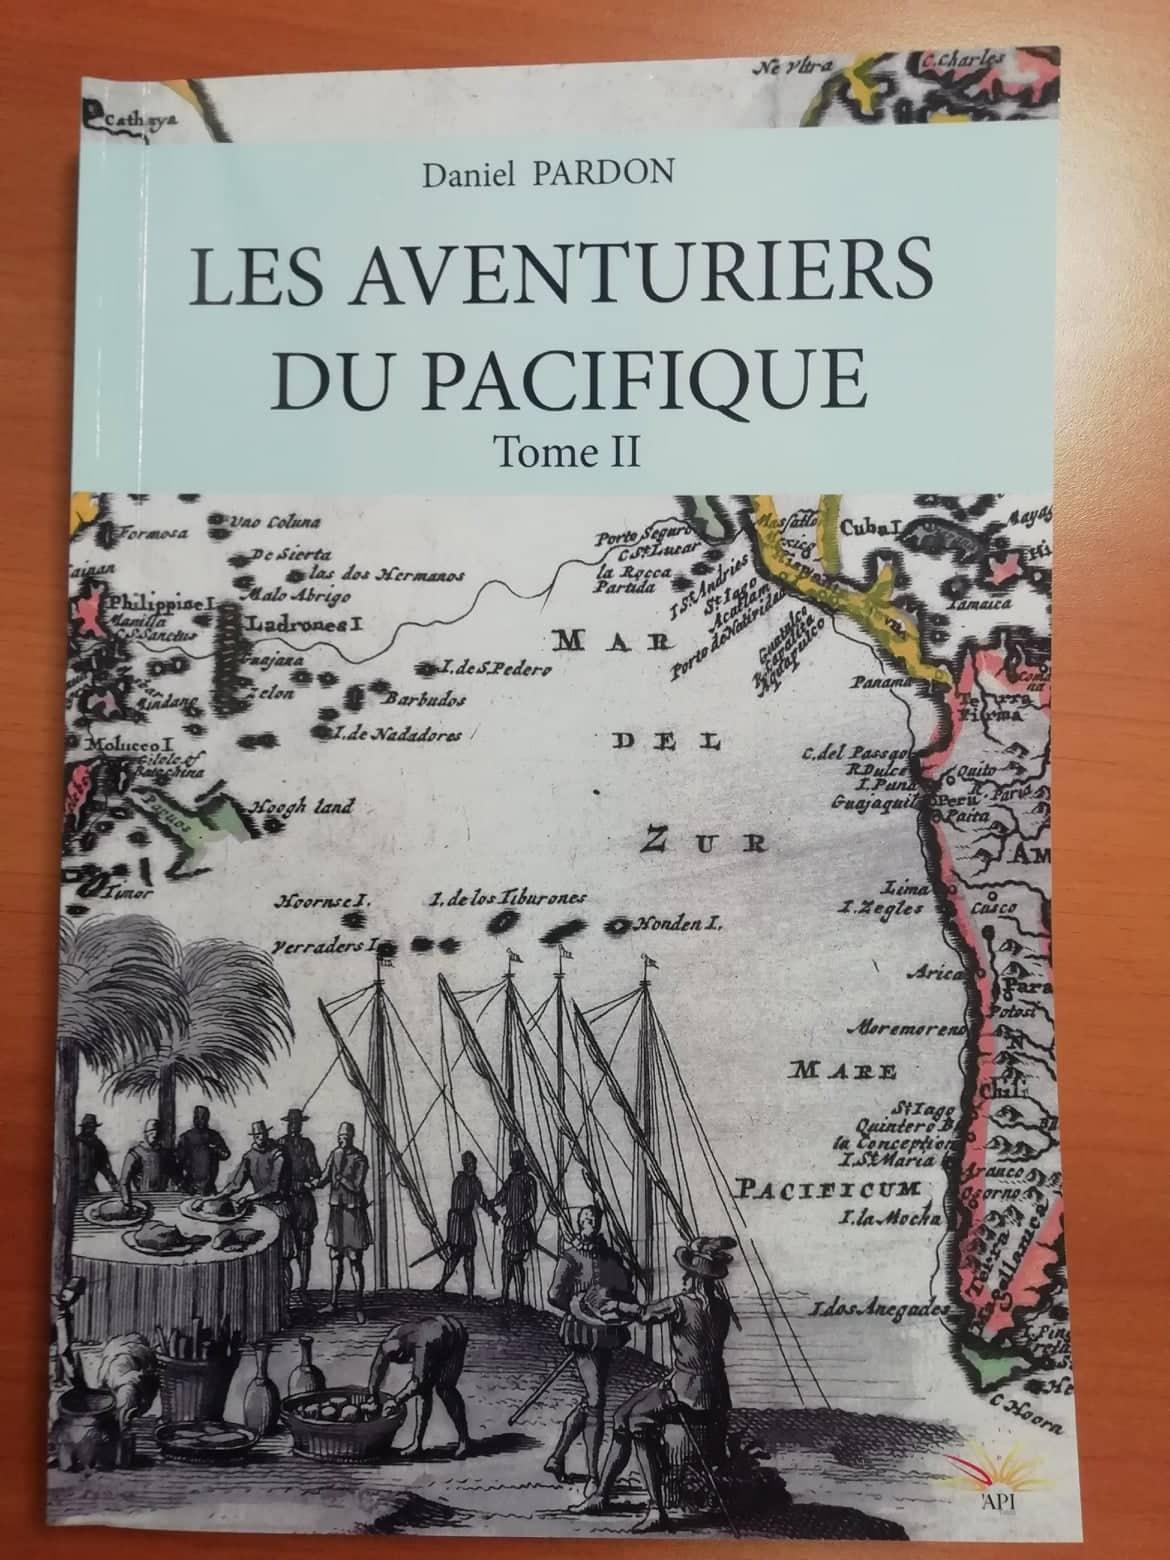 Sur les traces de 20 aventuriers incroyables du Pacifique